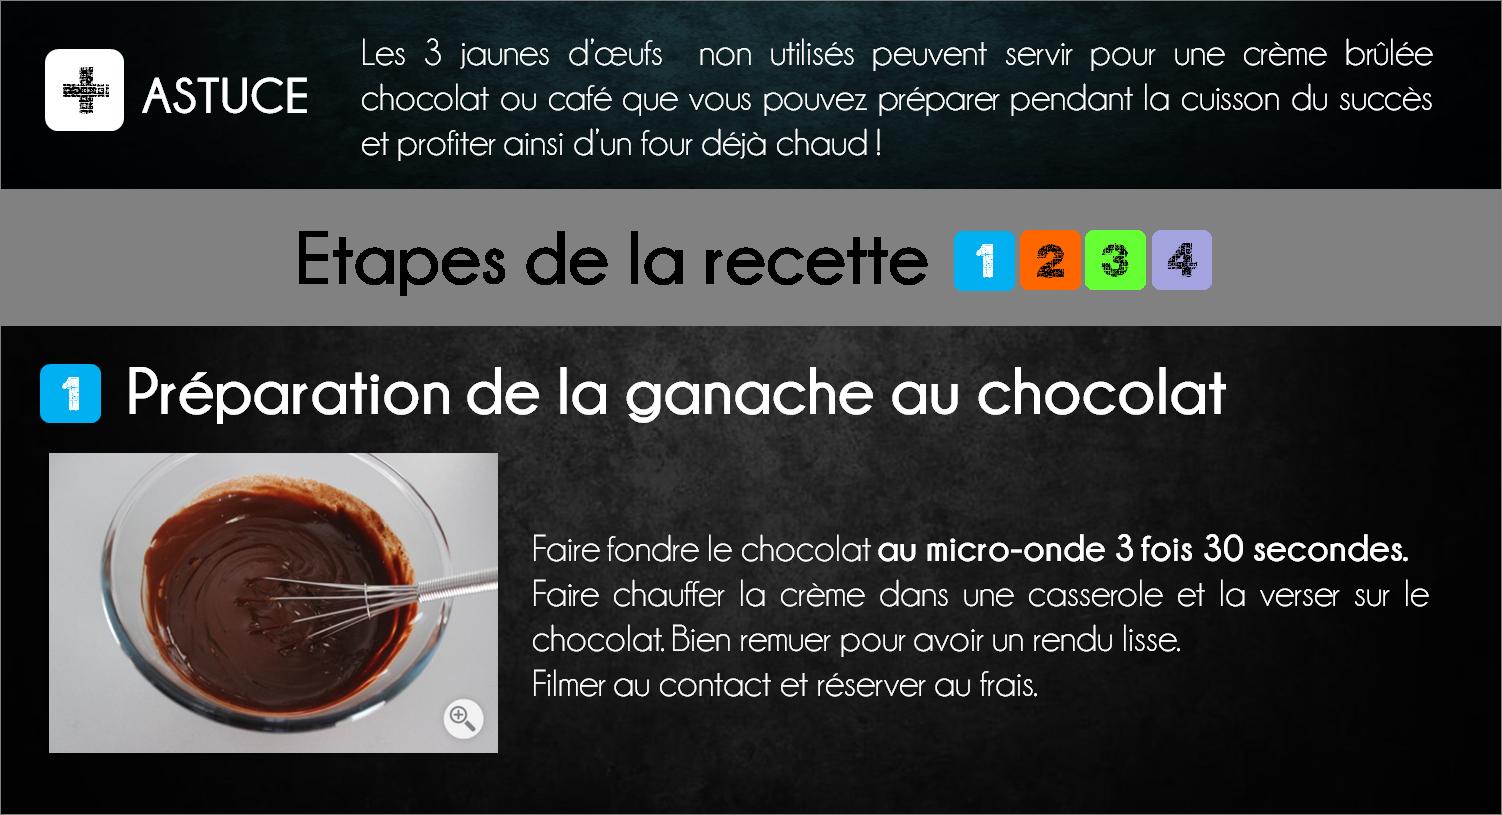 etapes succes noisette chocolat